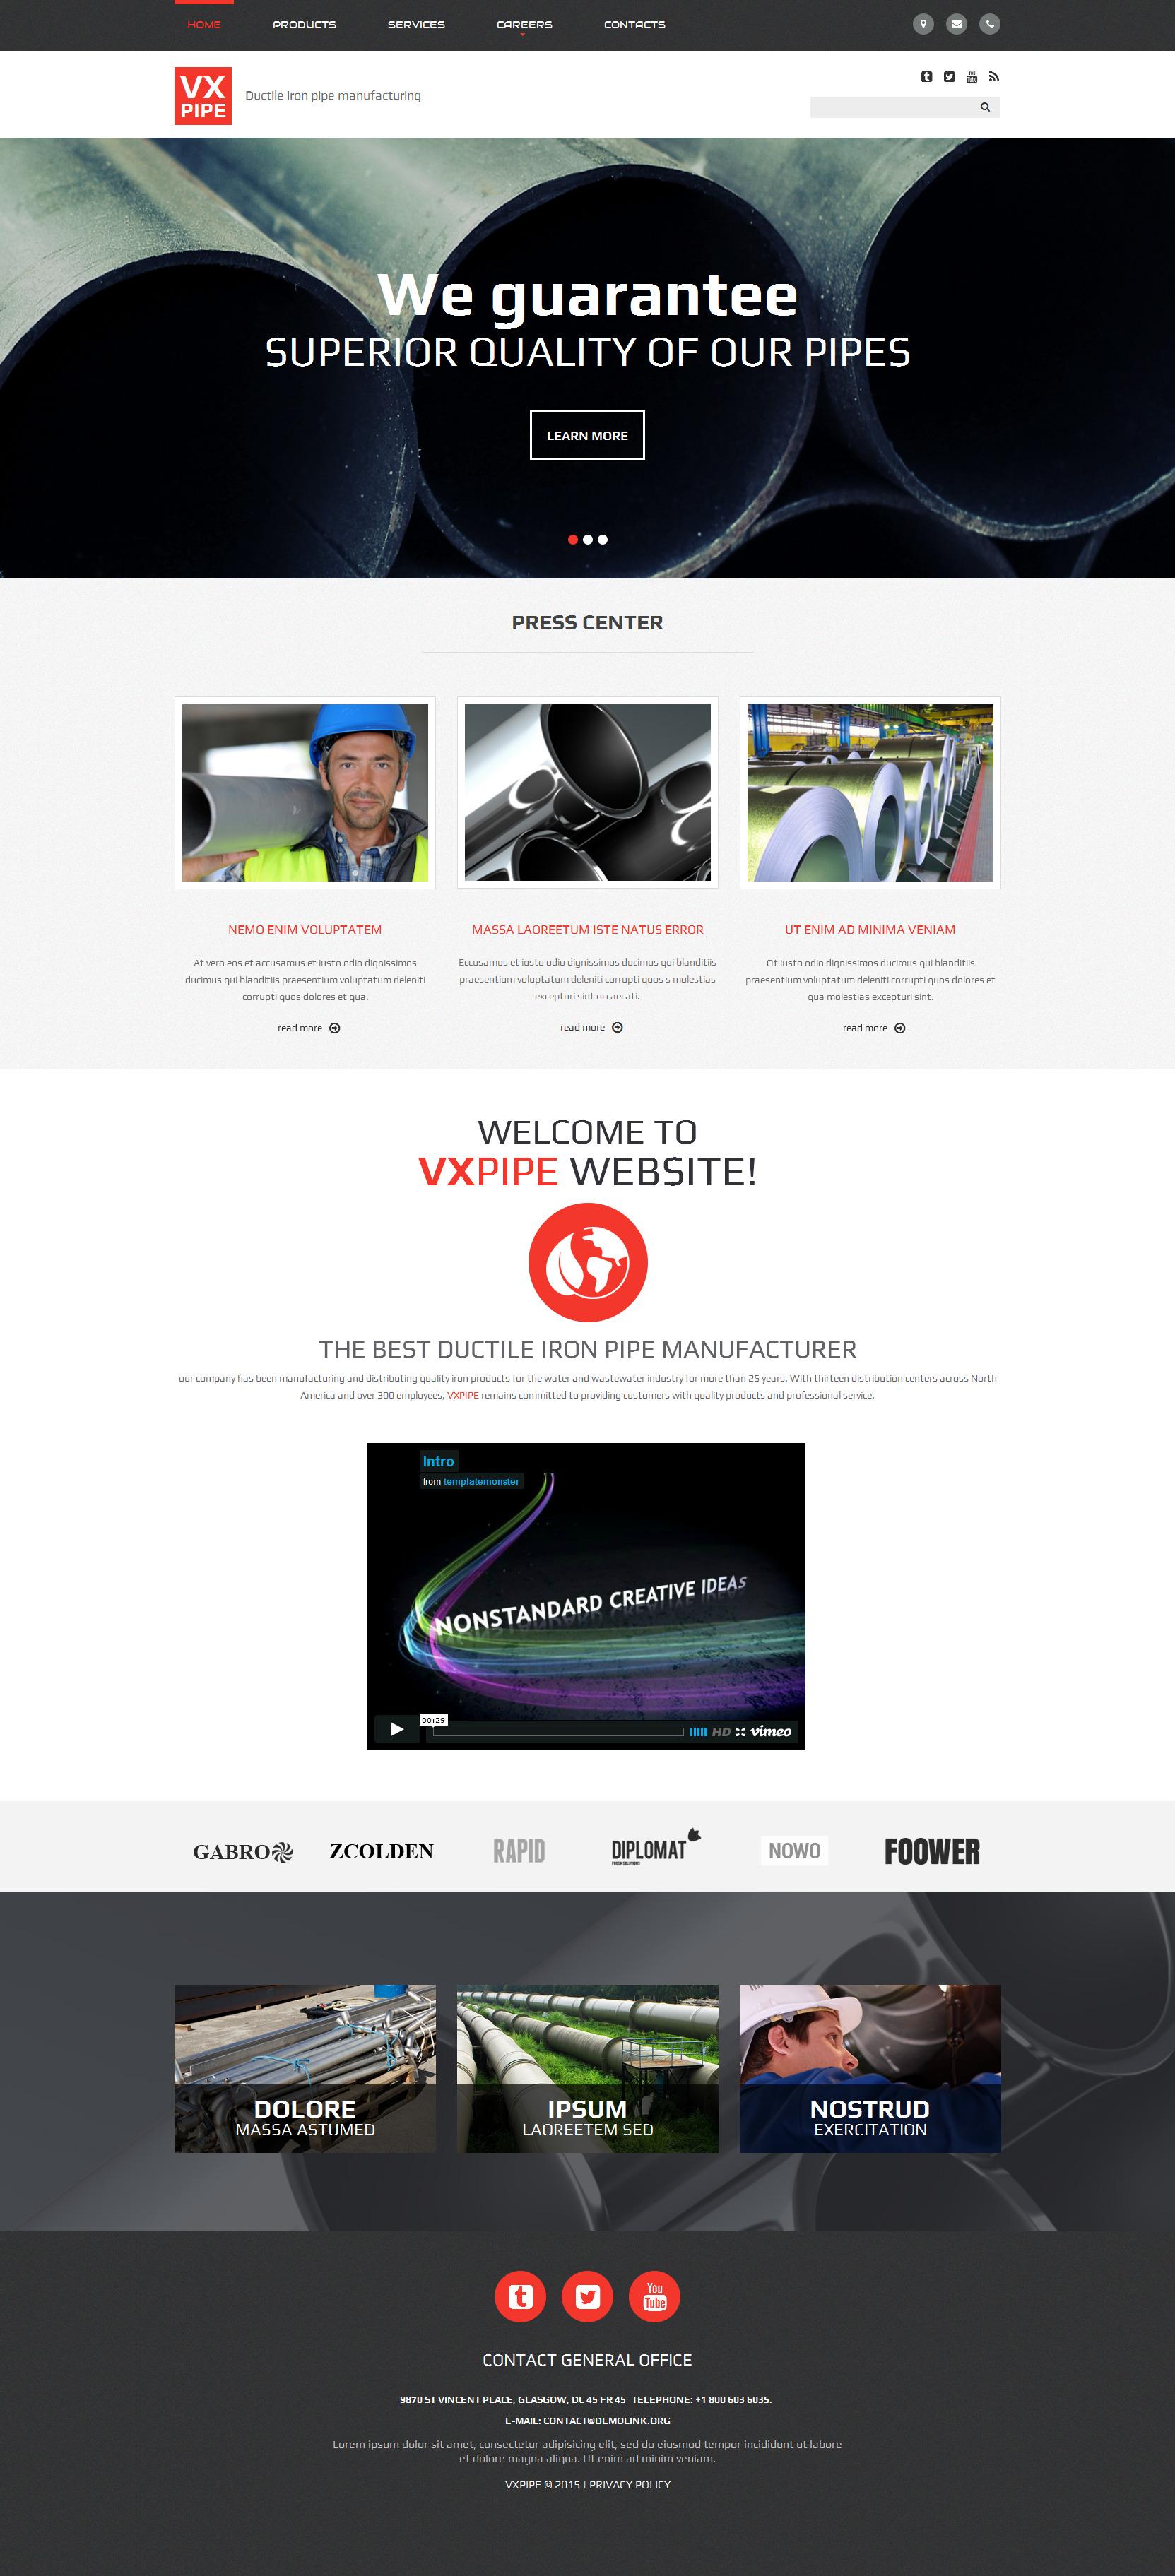 VX Pipe Website Template - screenshot